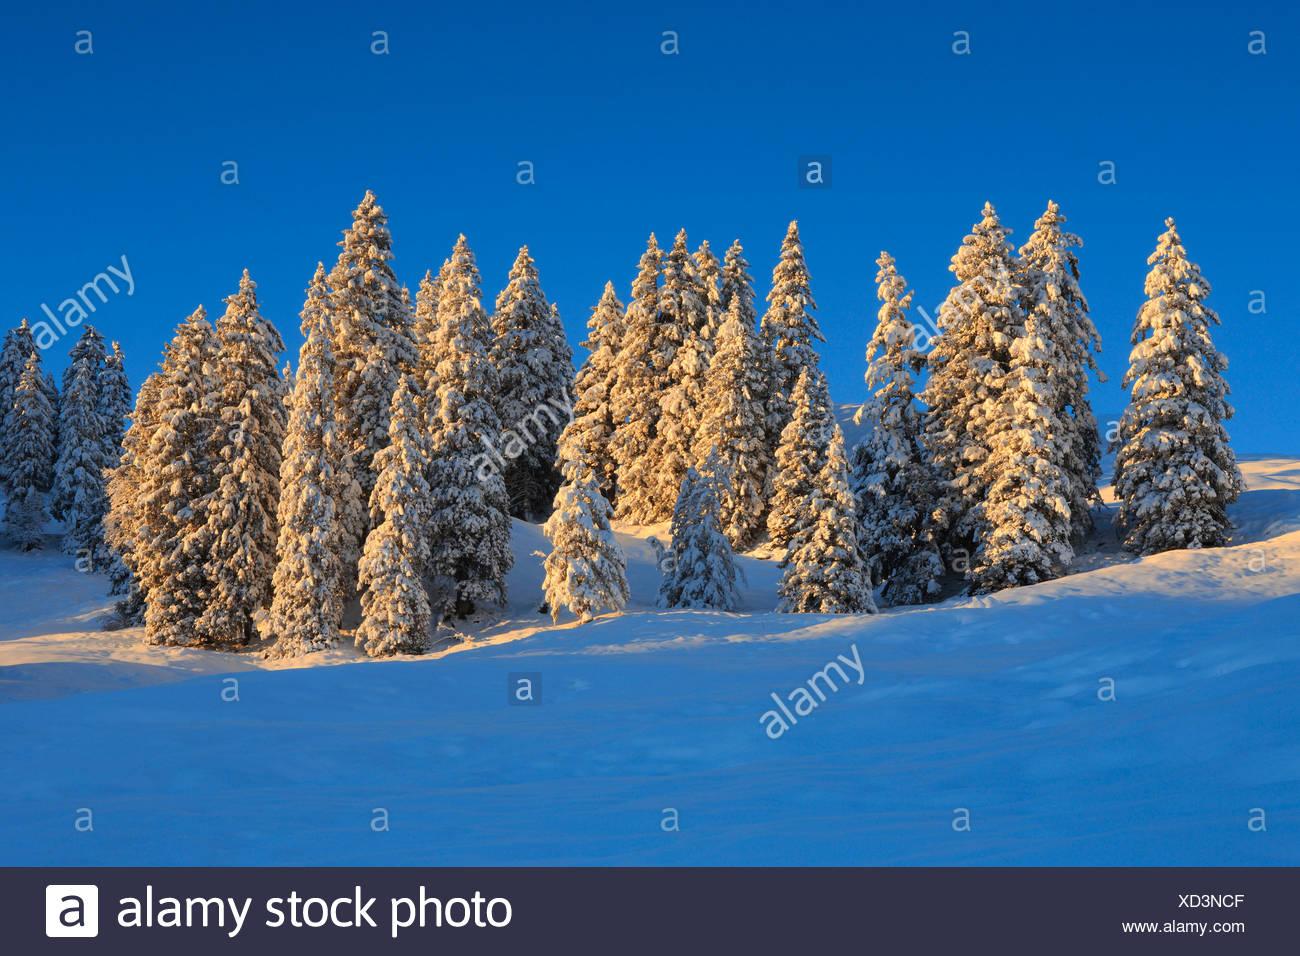 Alpi abete alberi da bosco di abeti cielo cielo La luce del mattino neve Svizzera Europa sun sunrise sunshine abete abeti in legno di abete legno f Immagini Stock